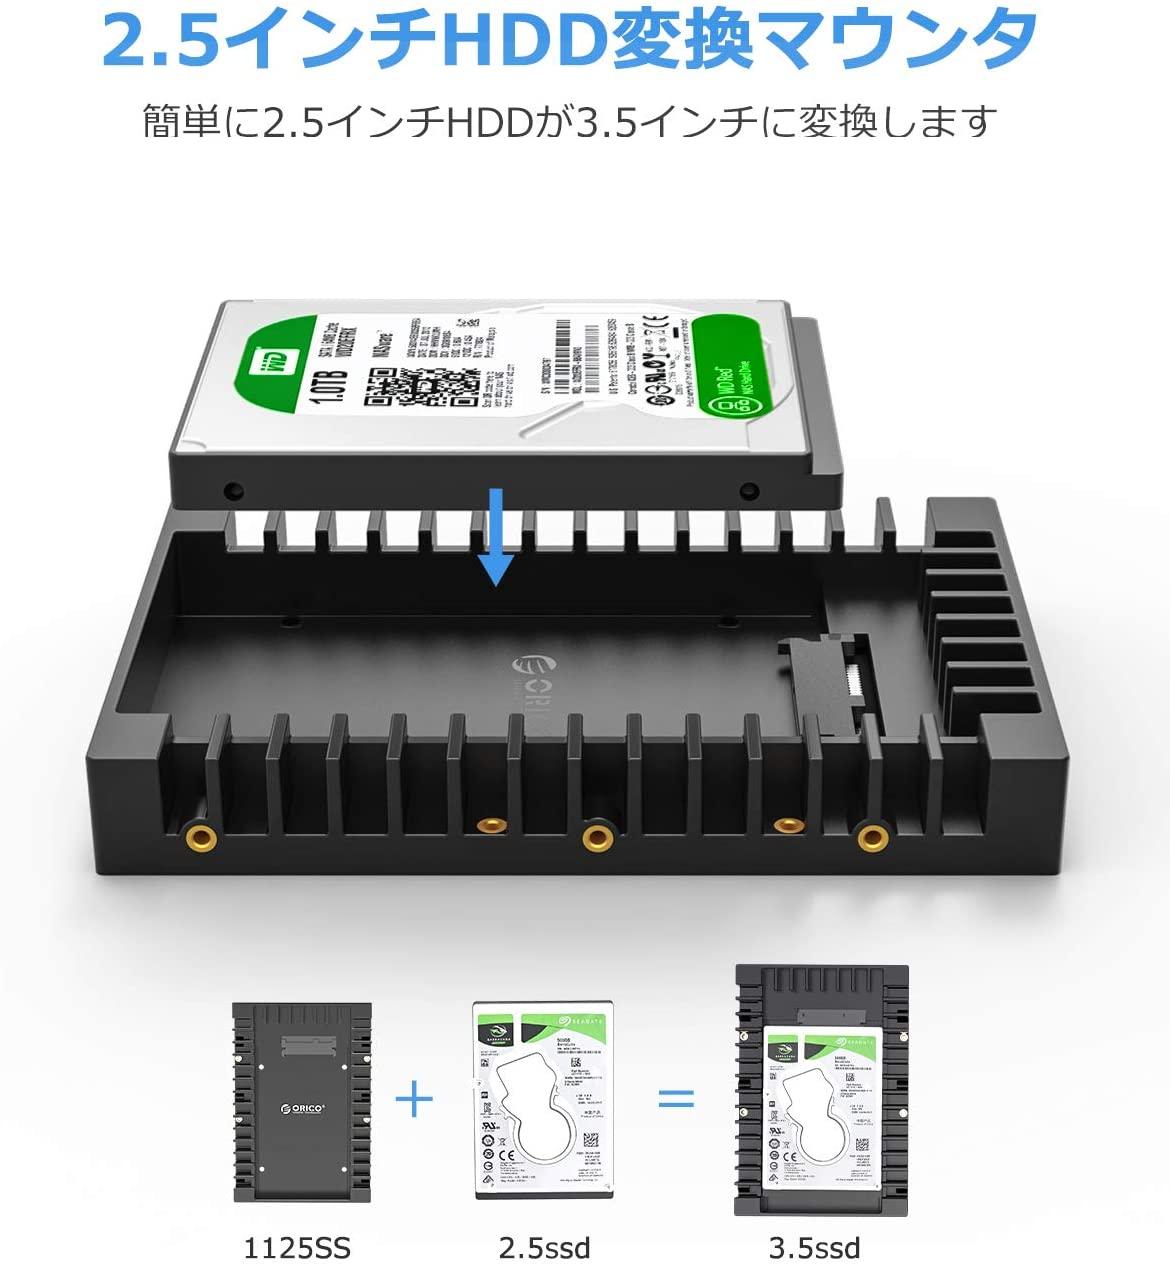 ORICO 2.5 → 3.5変換 2.5インチ HDD/SSD 変換マウンタ SATAインターフェース内蔵 HDDケース 3.5インチ 変換ブラケット ネジ付き ブラック 1125SS